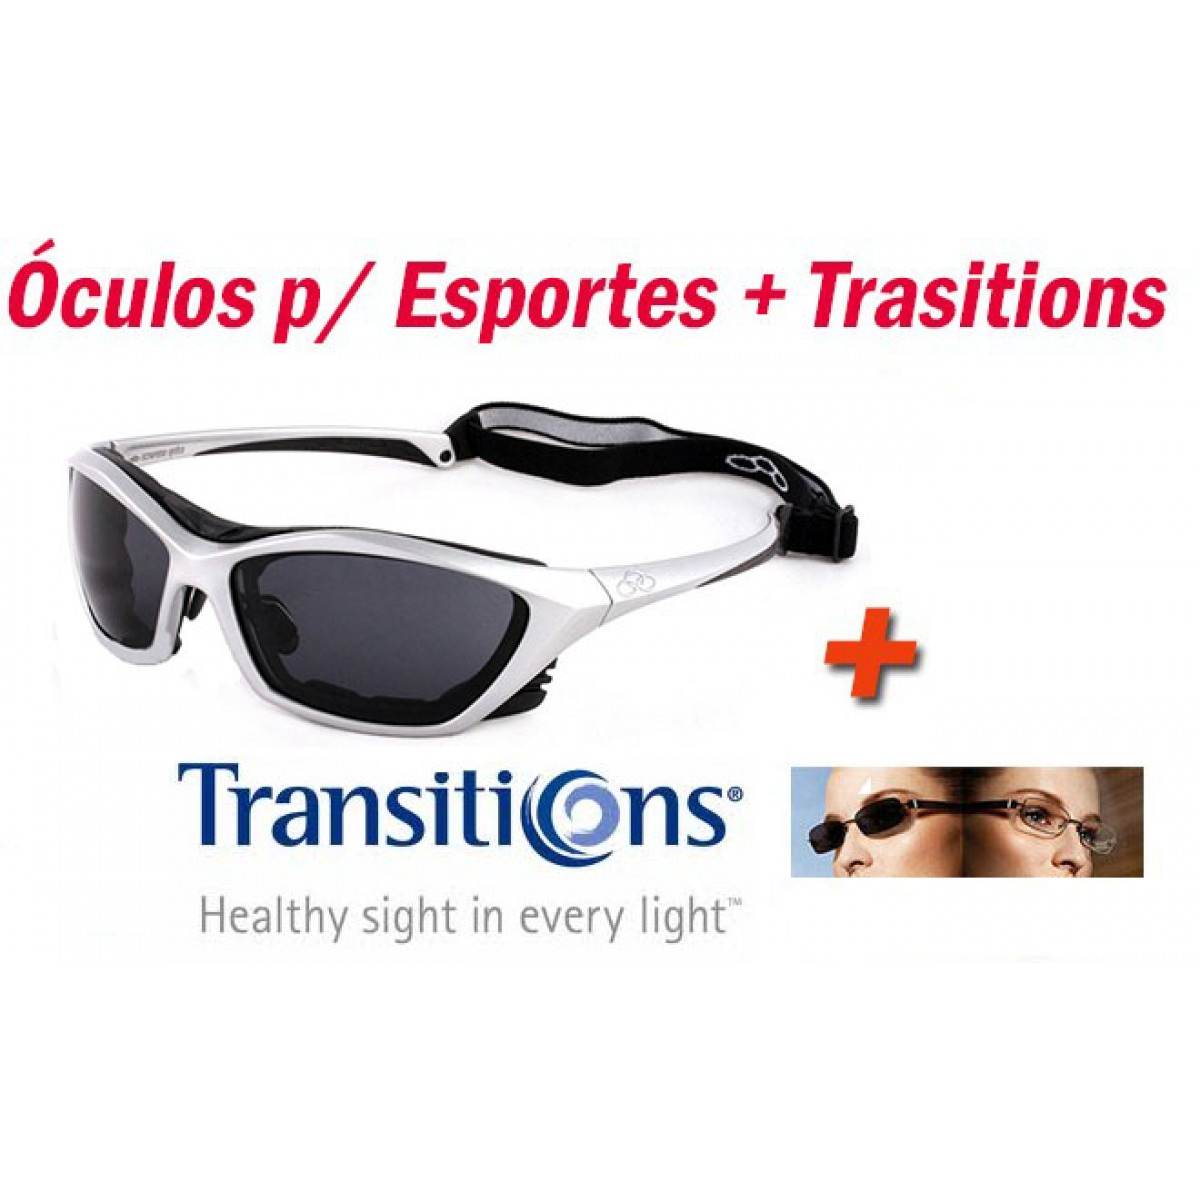 eaa3088ccb19d óculos olimpikus chamonix - Esporte Visão